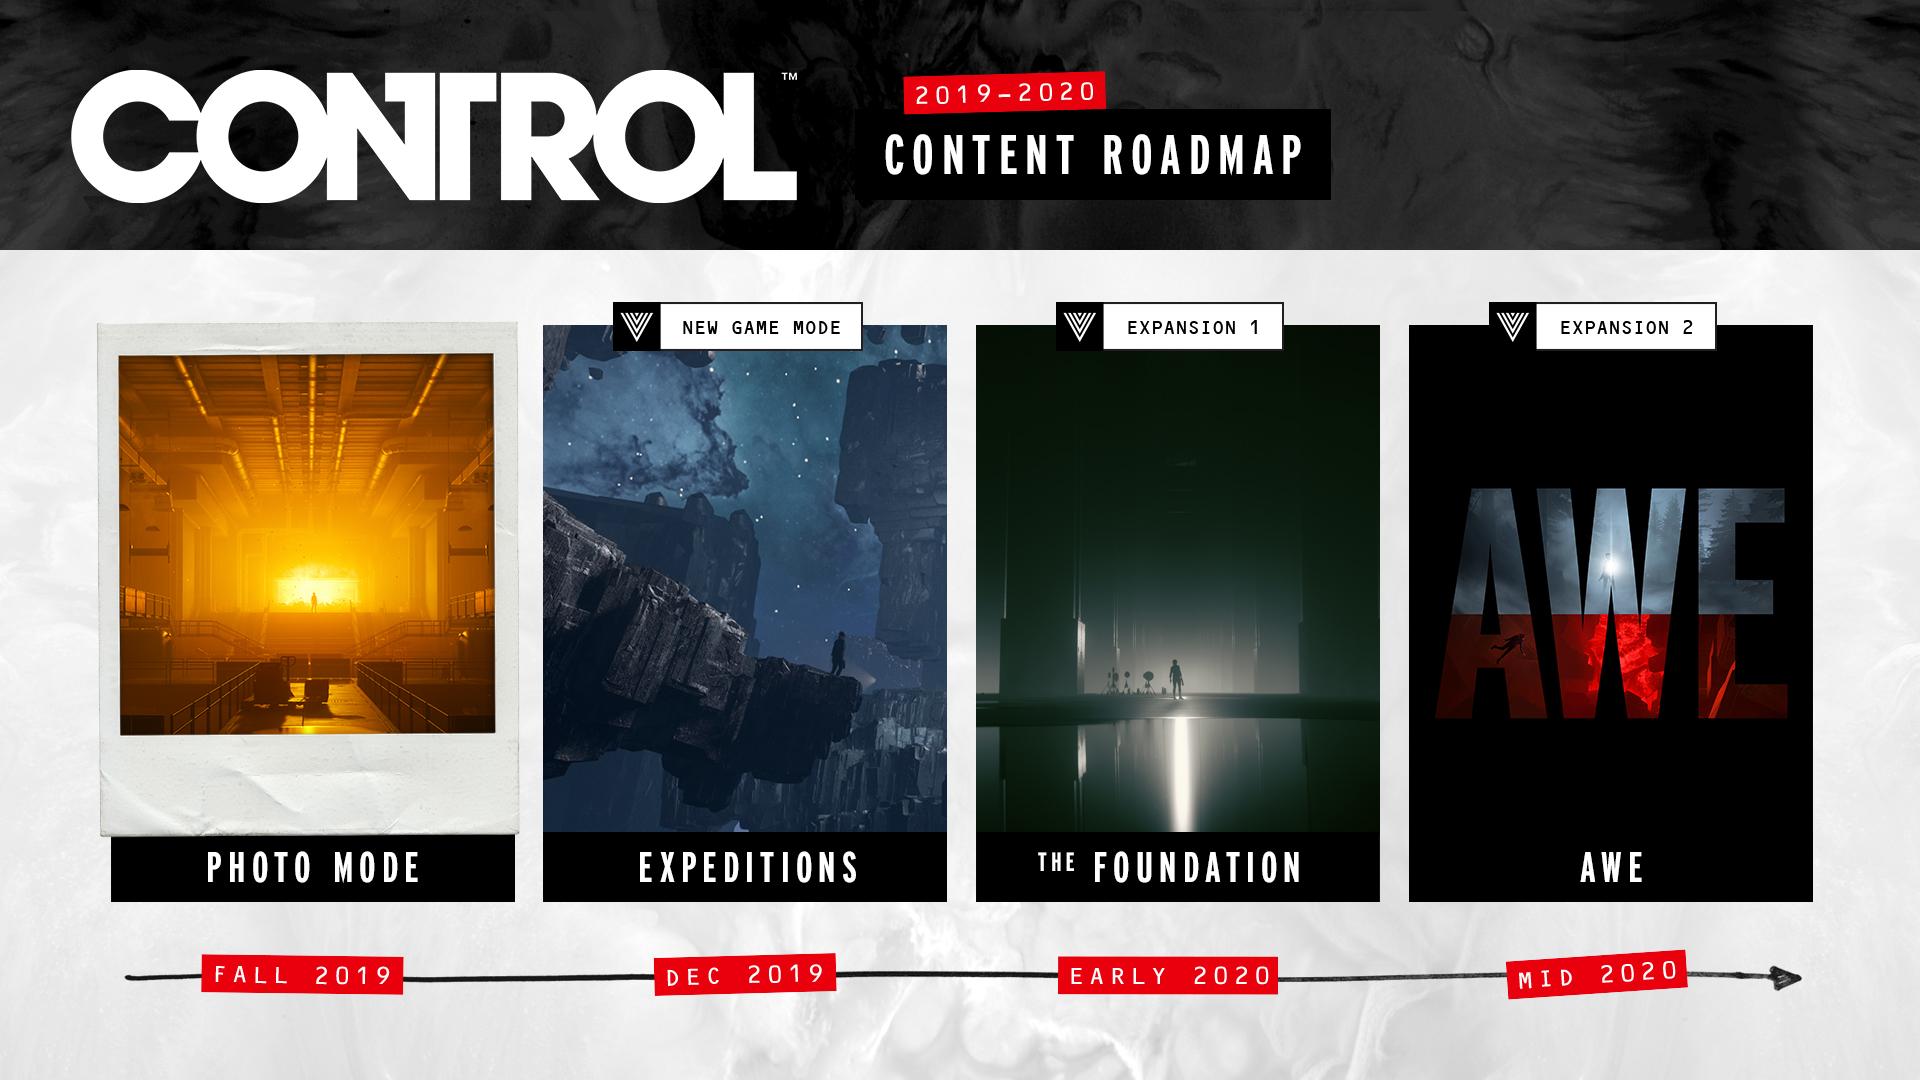 control content roadmap